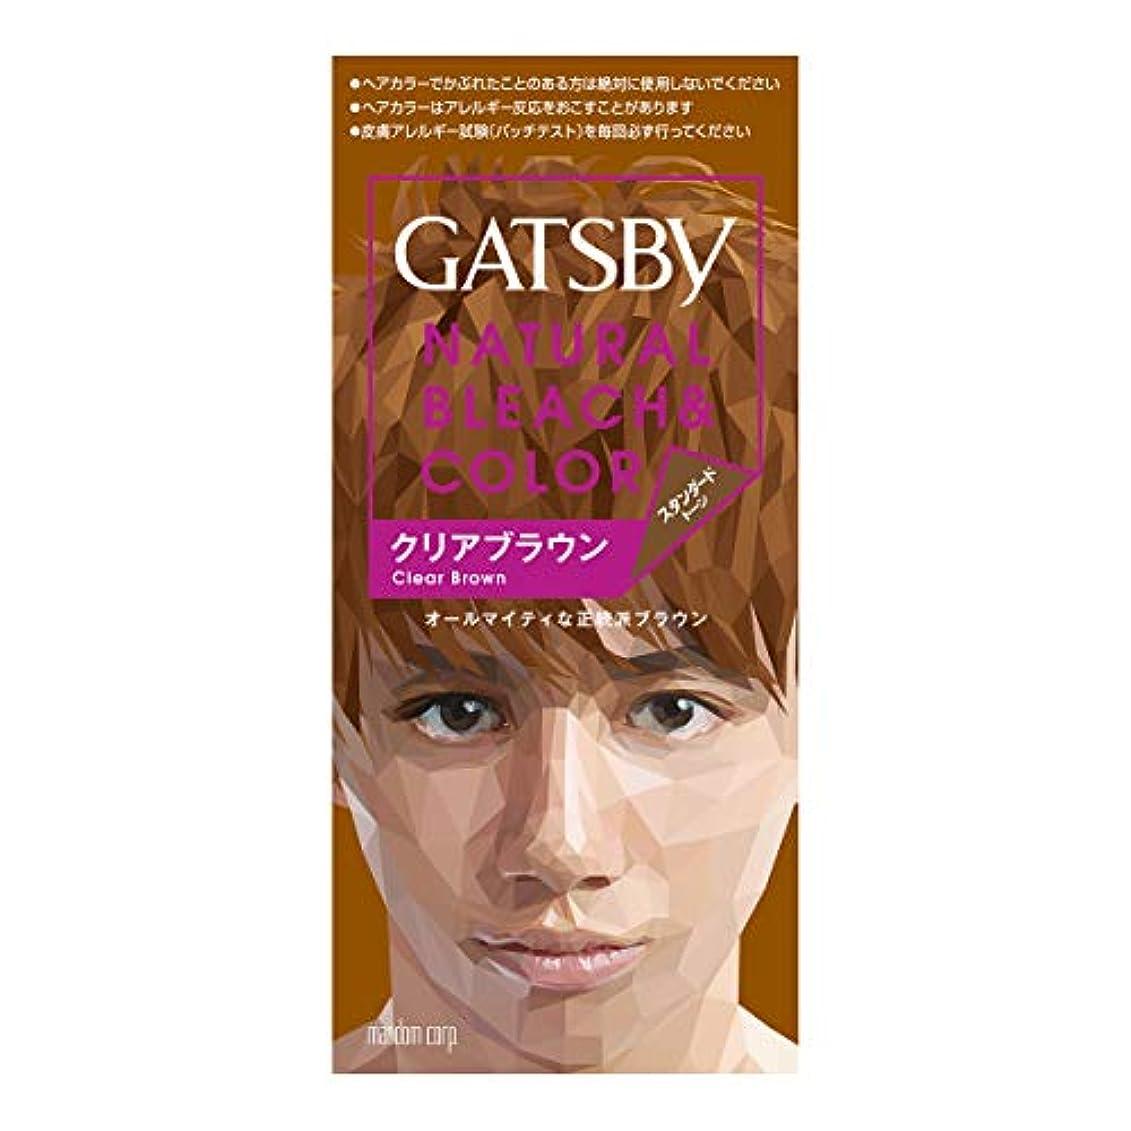 小説家元の放射性ギャツビー ナチュラルブリーチカラー クリアブラウン【HTRC5.1】